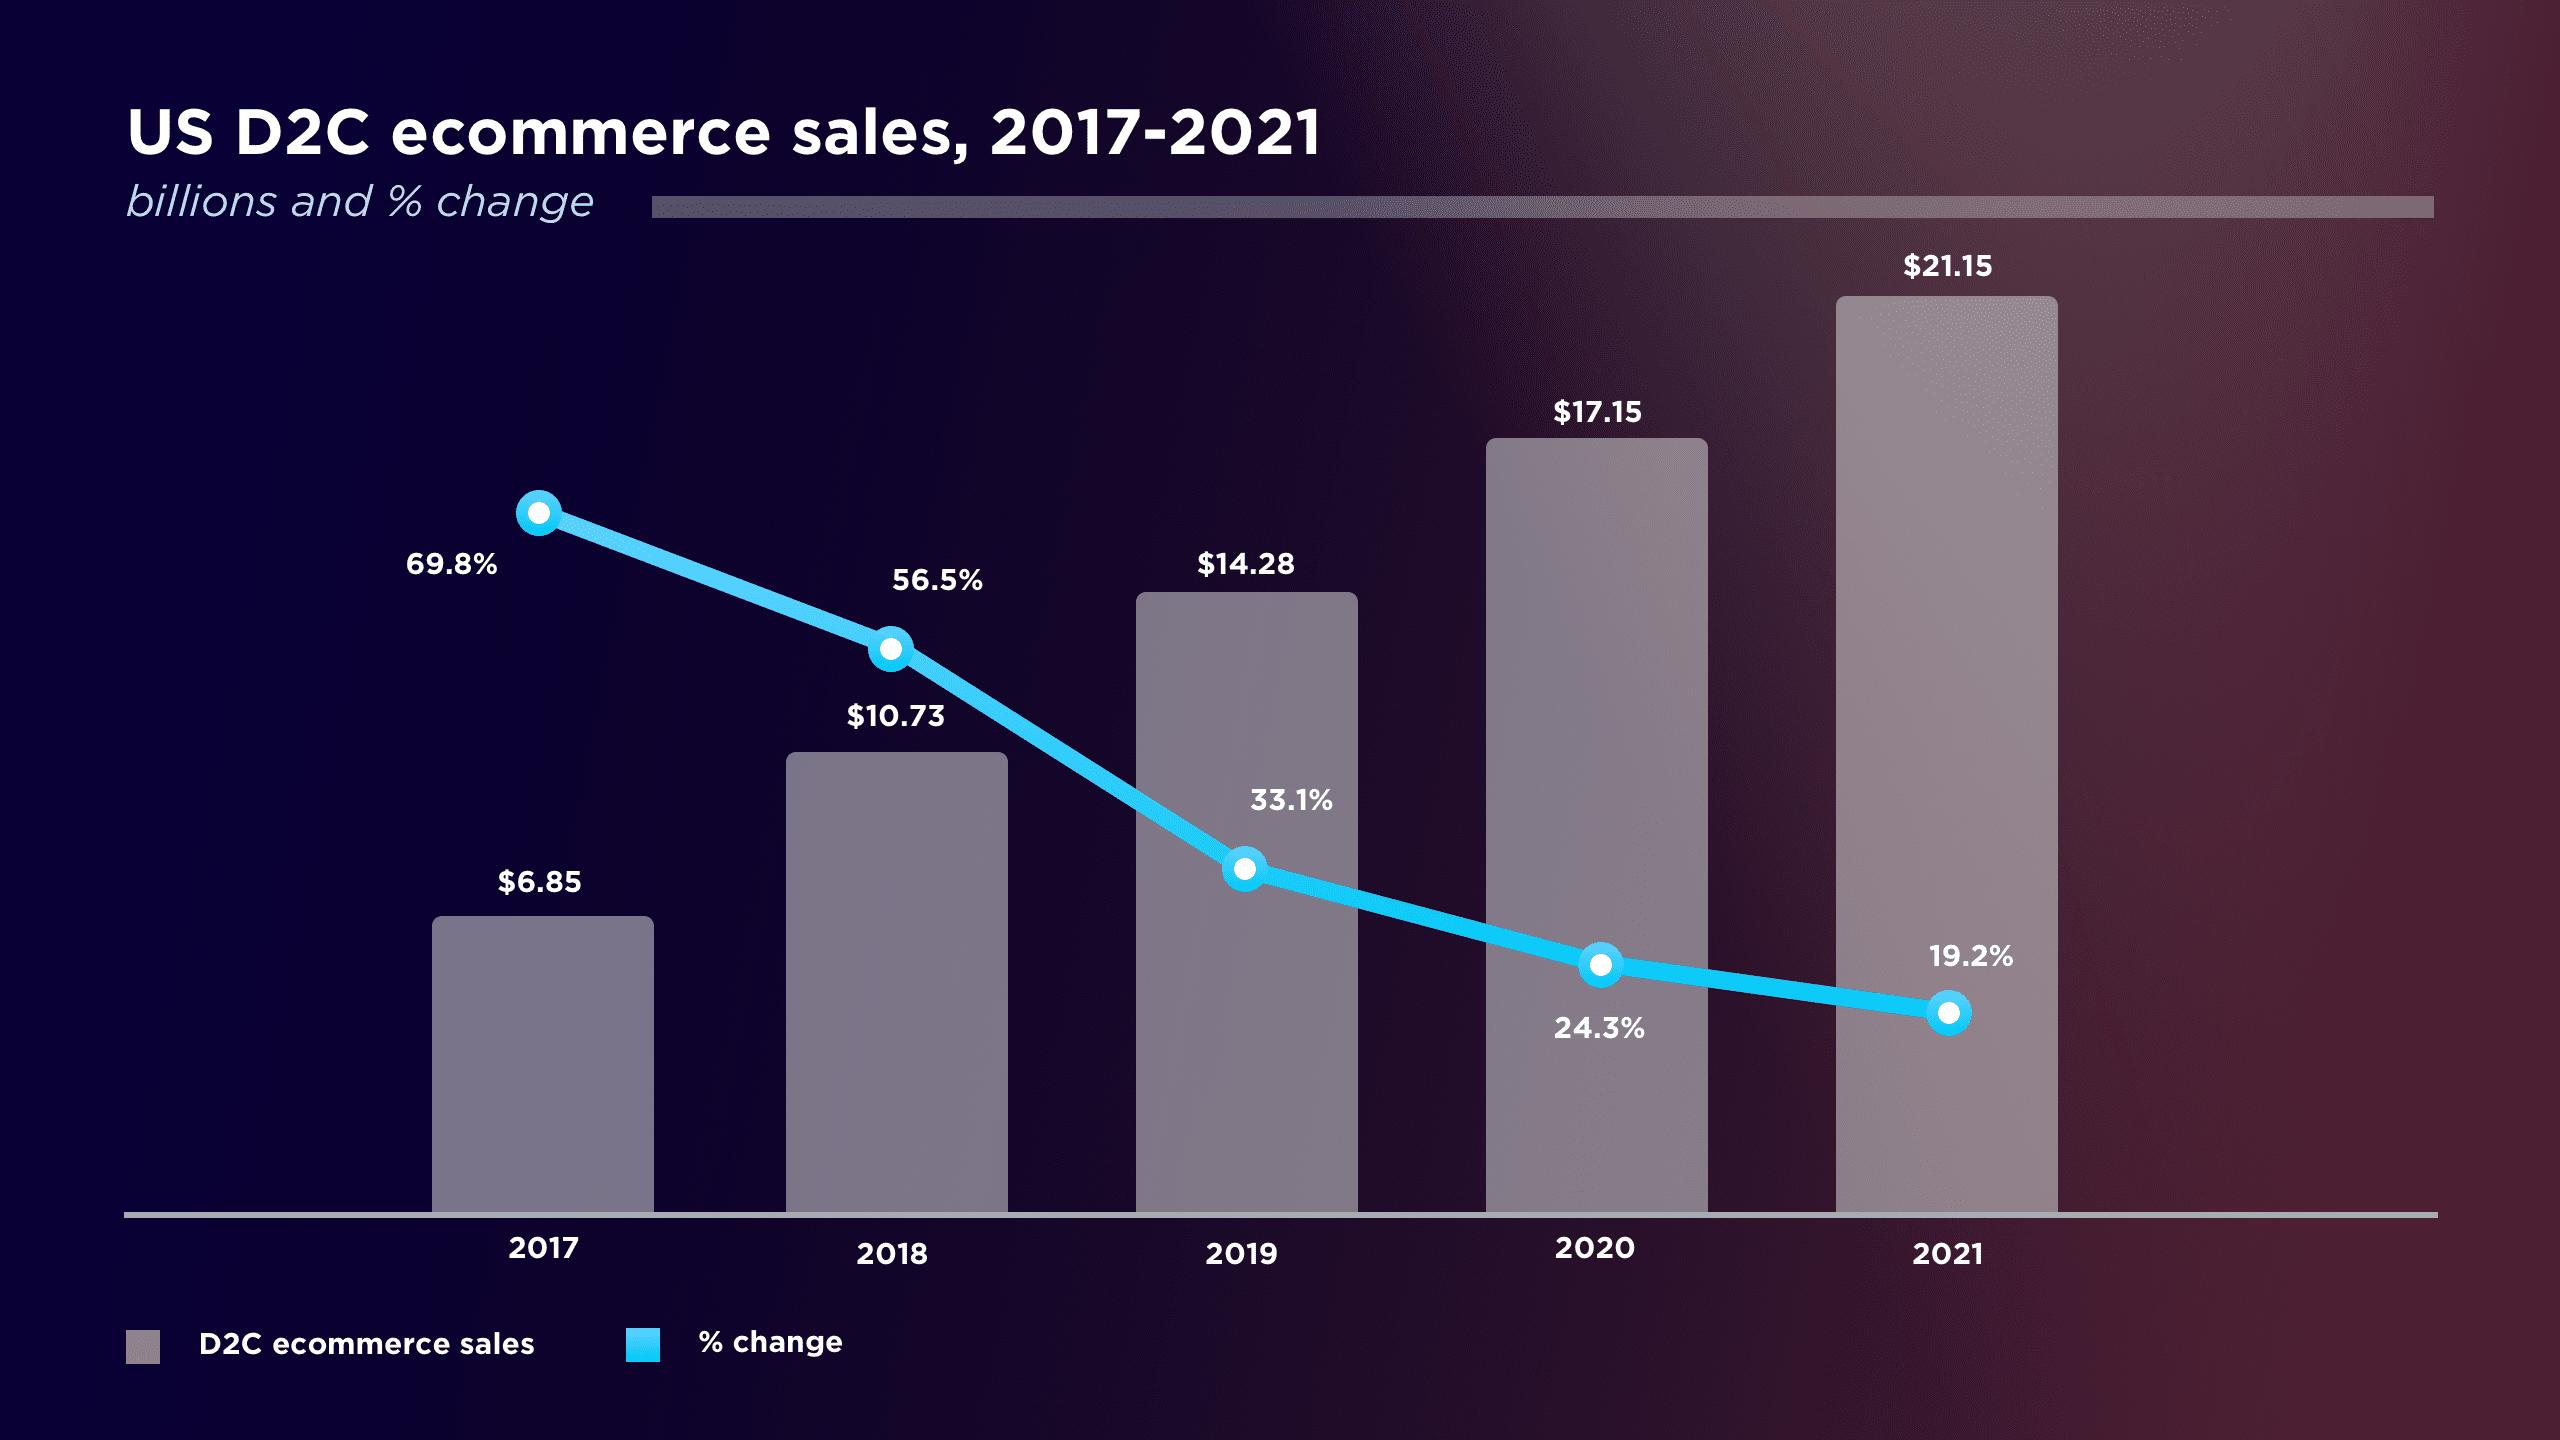 US D2C E-commerce sales